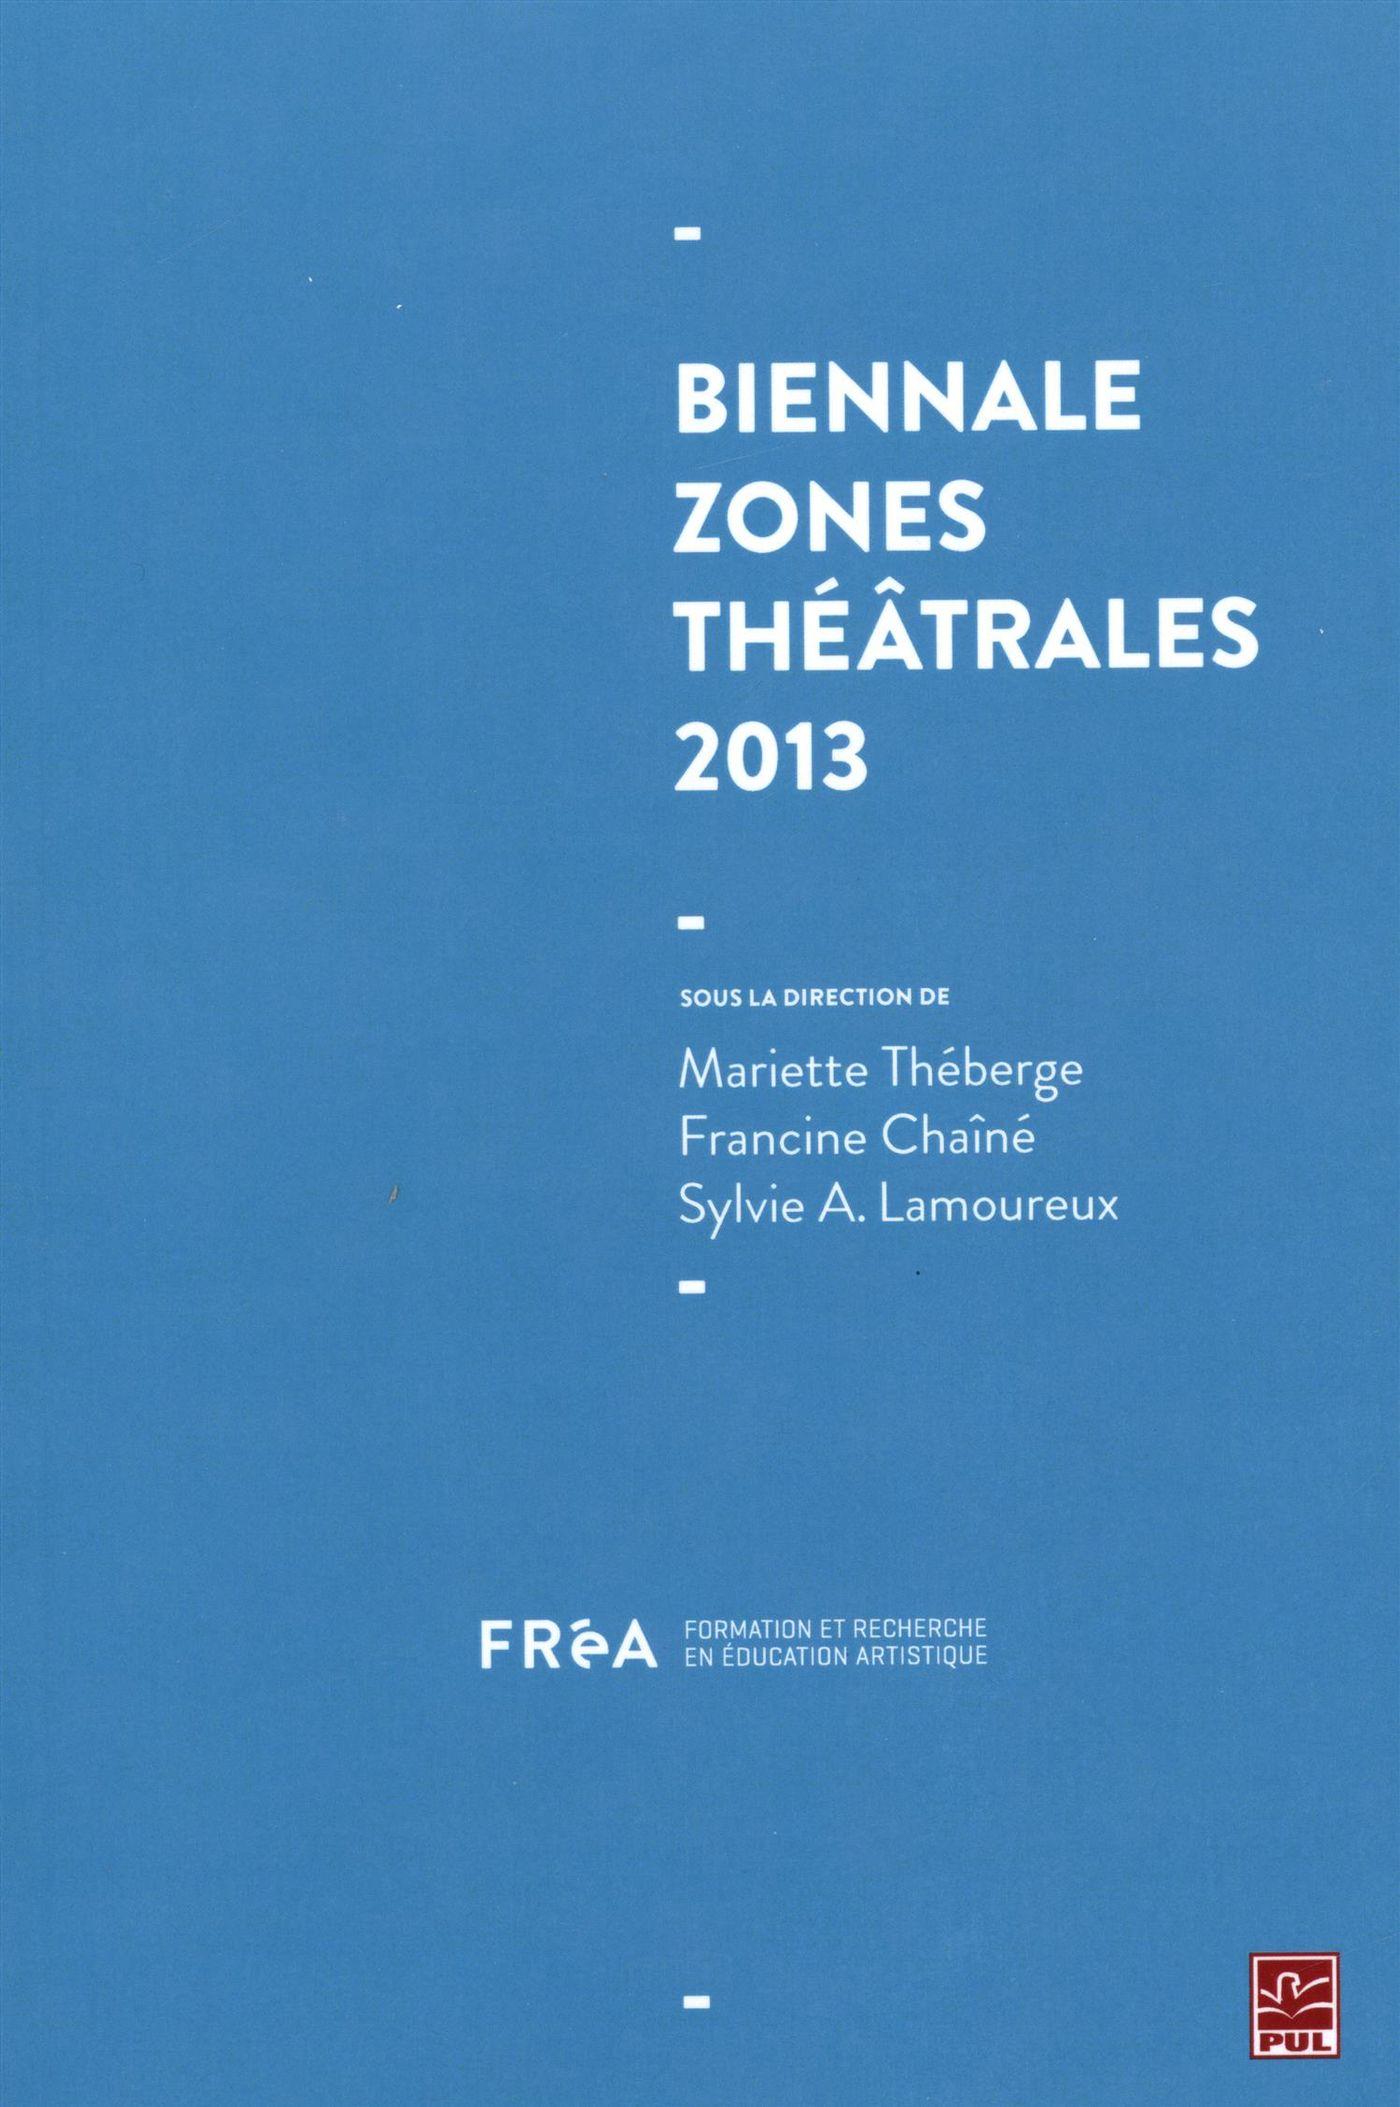 Biennale Zones théâtrales 2013